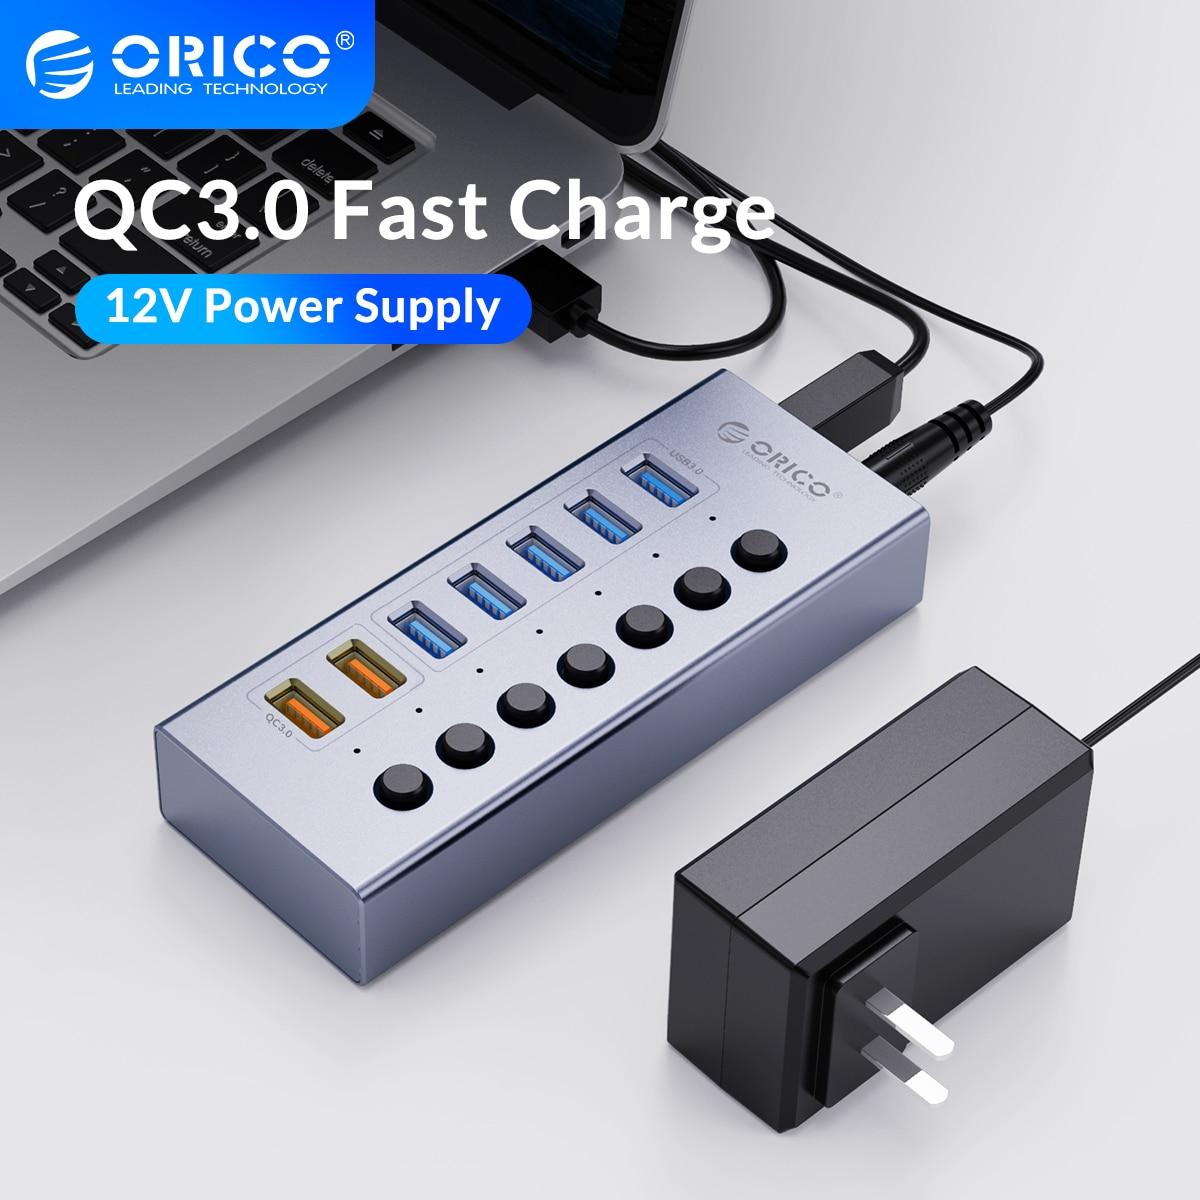 ORICO USB 3.0 HUB مع محول الطاقة 7/10 منفذ الفاصل محول ملحقات الكمبيوتر QC سريع شاحن يو اس بي للهواتف الذكية النقالة